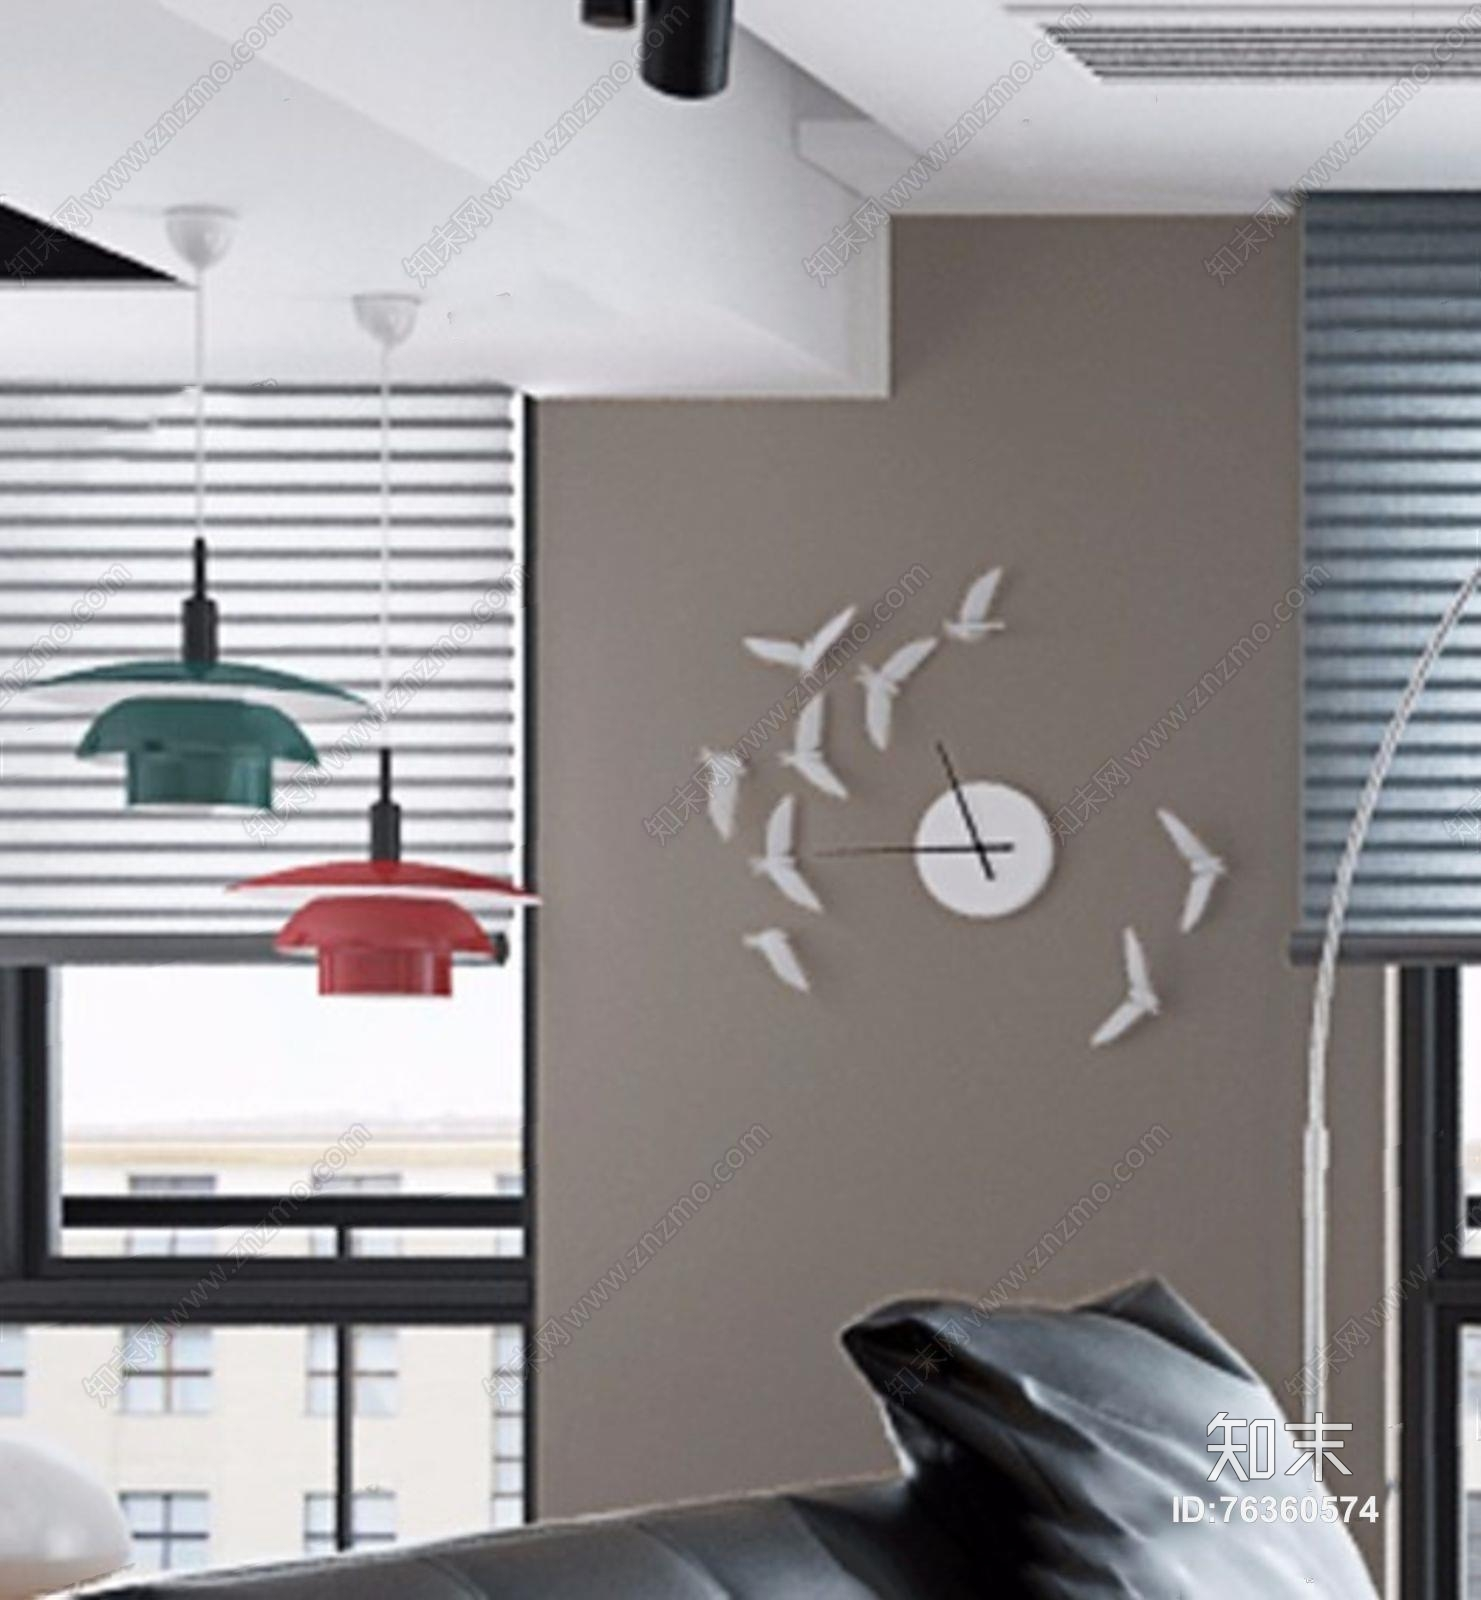 瓦第设计现代客餐厅 现代客厅 多人沙发 圆茶几 休闲沙发 沙发凳 餐桌椅 落地灯 绿植 瓦第设计